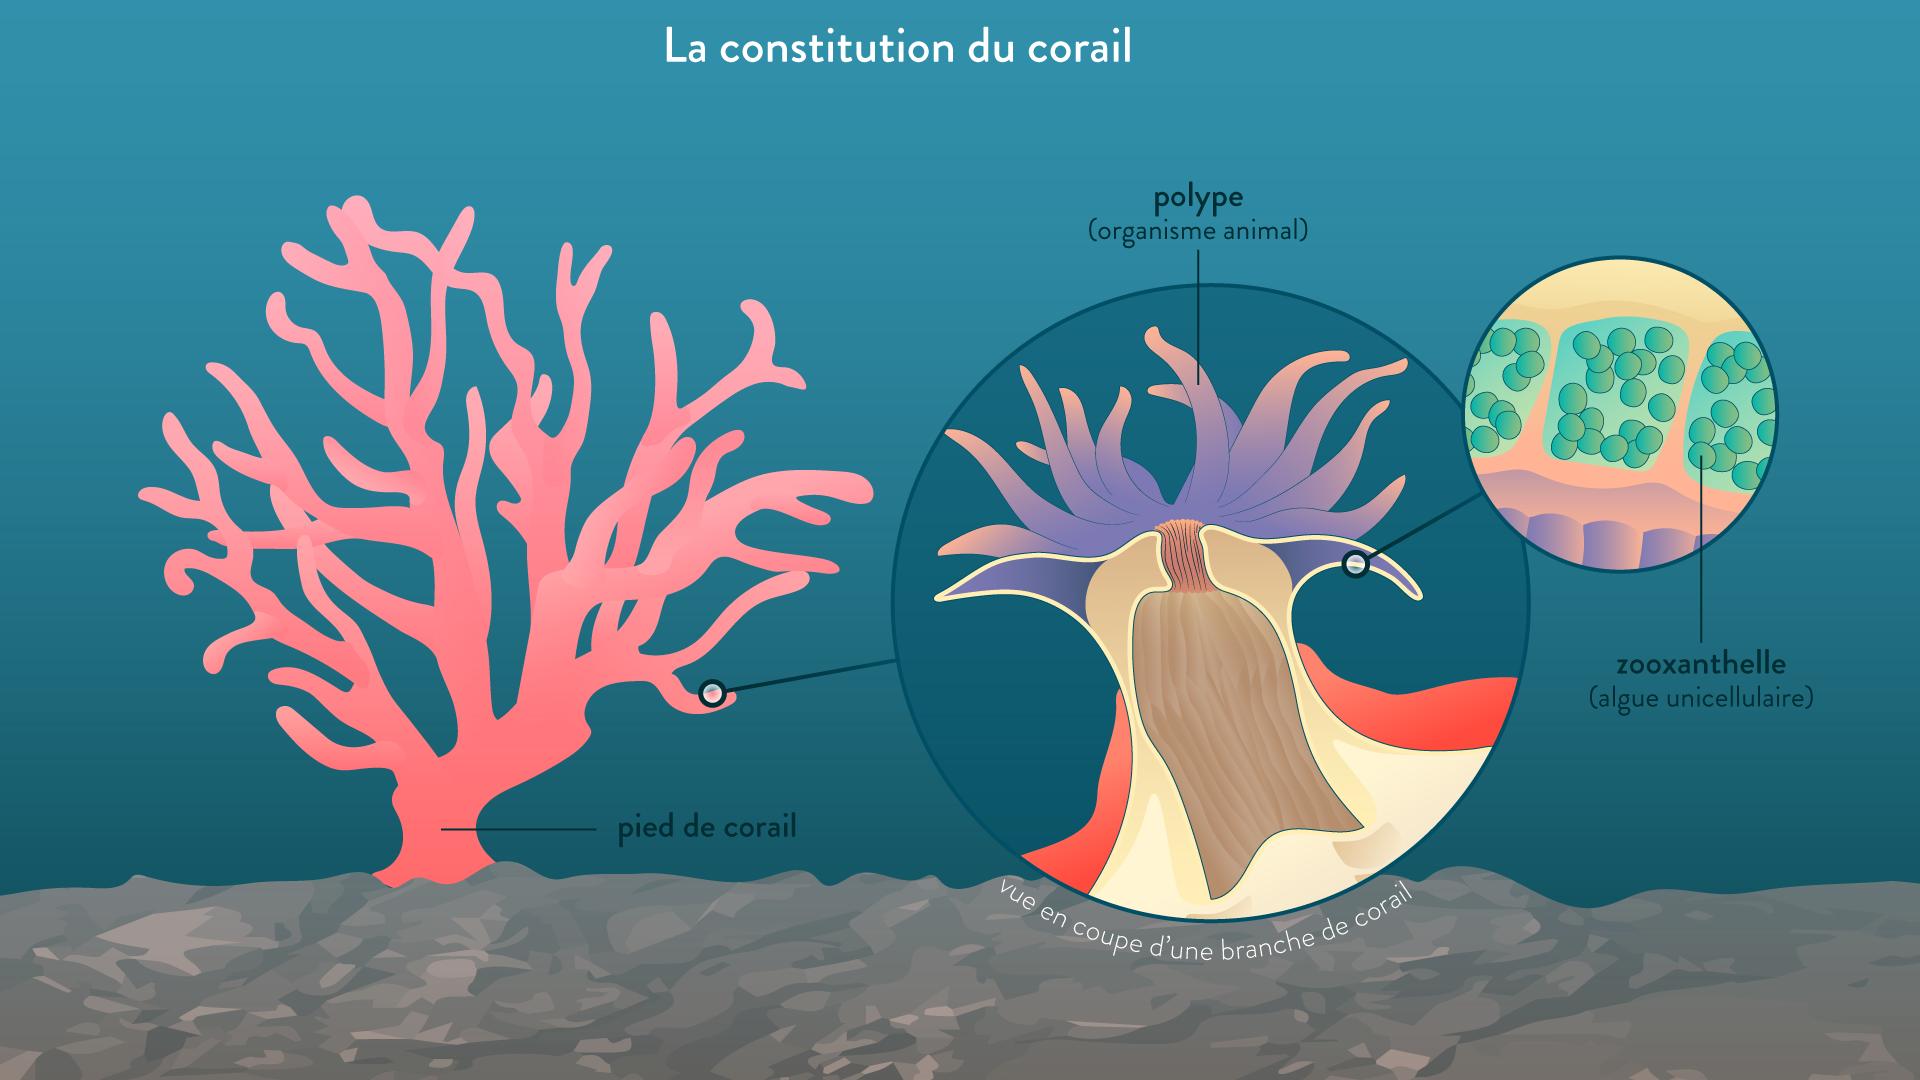 La constitution du corail